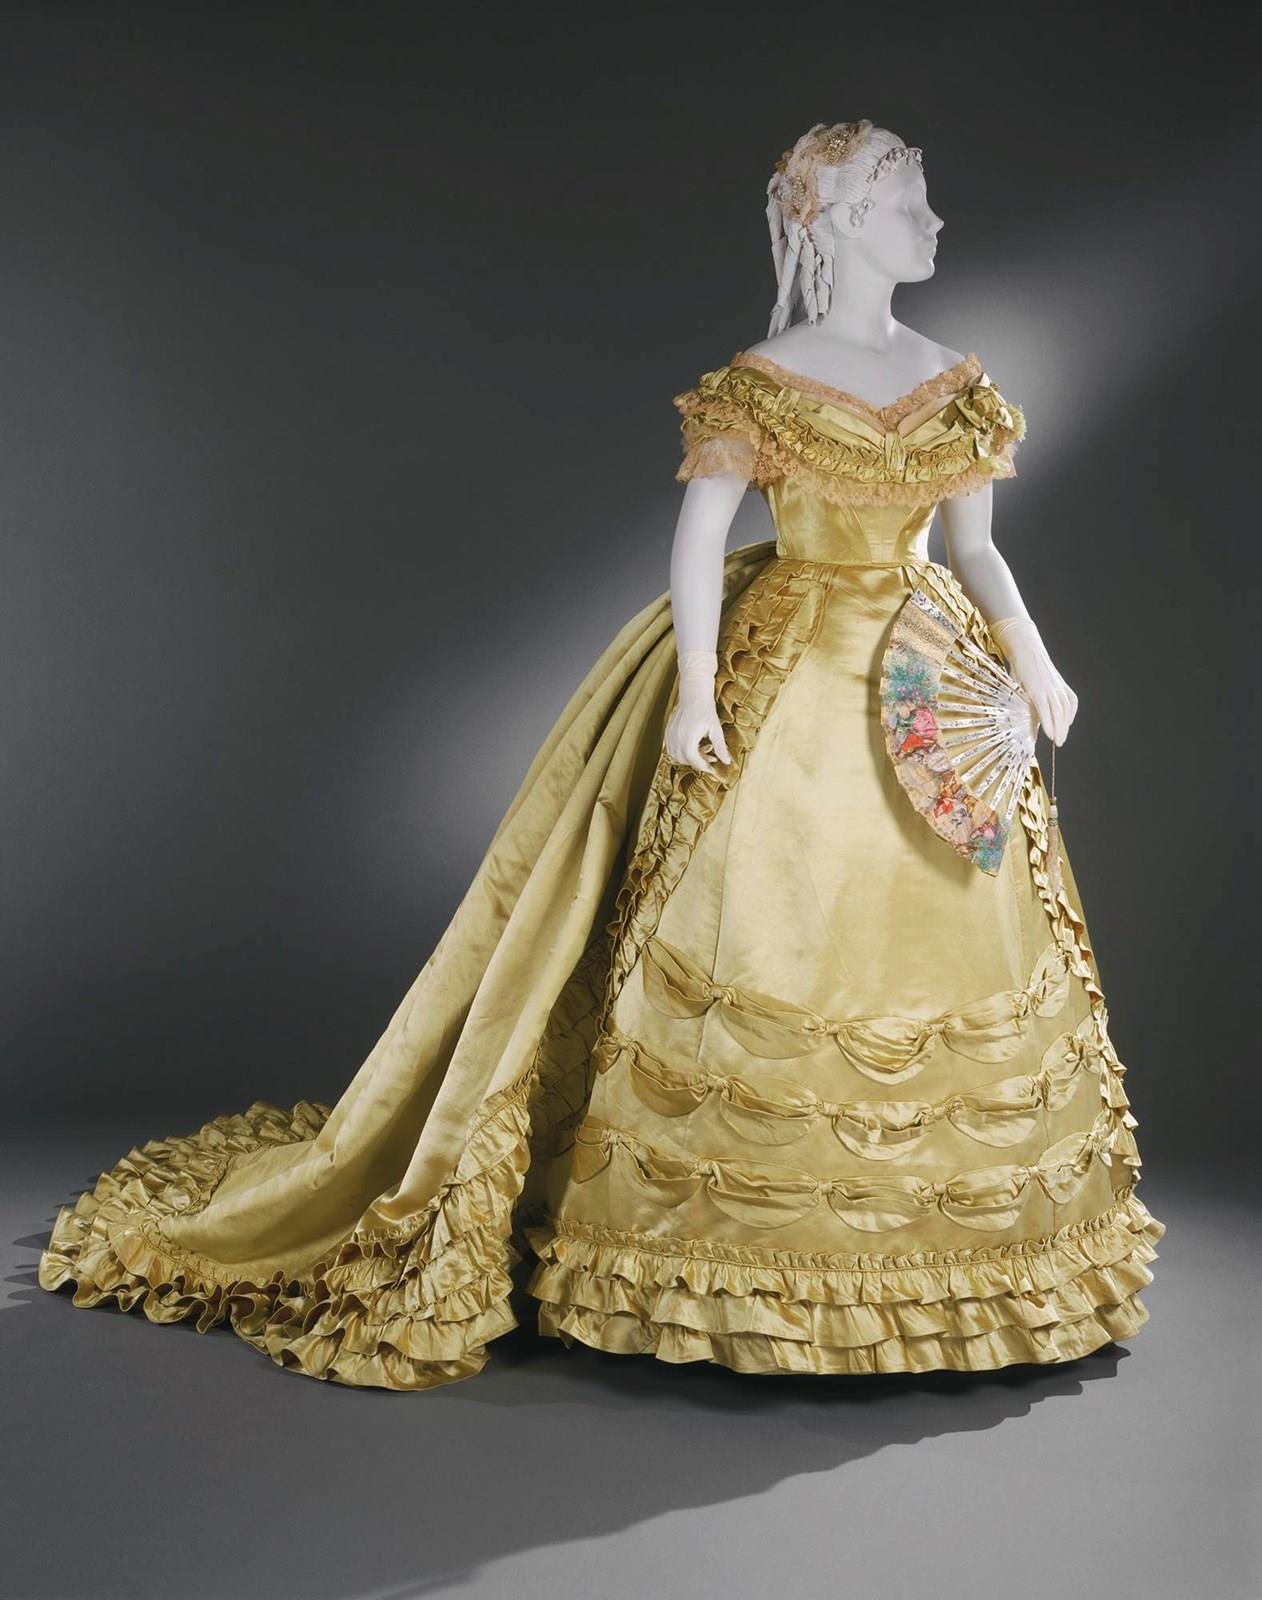 نگاهی گذرا به آغاز صنعت مد و طراحی لباس